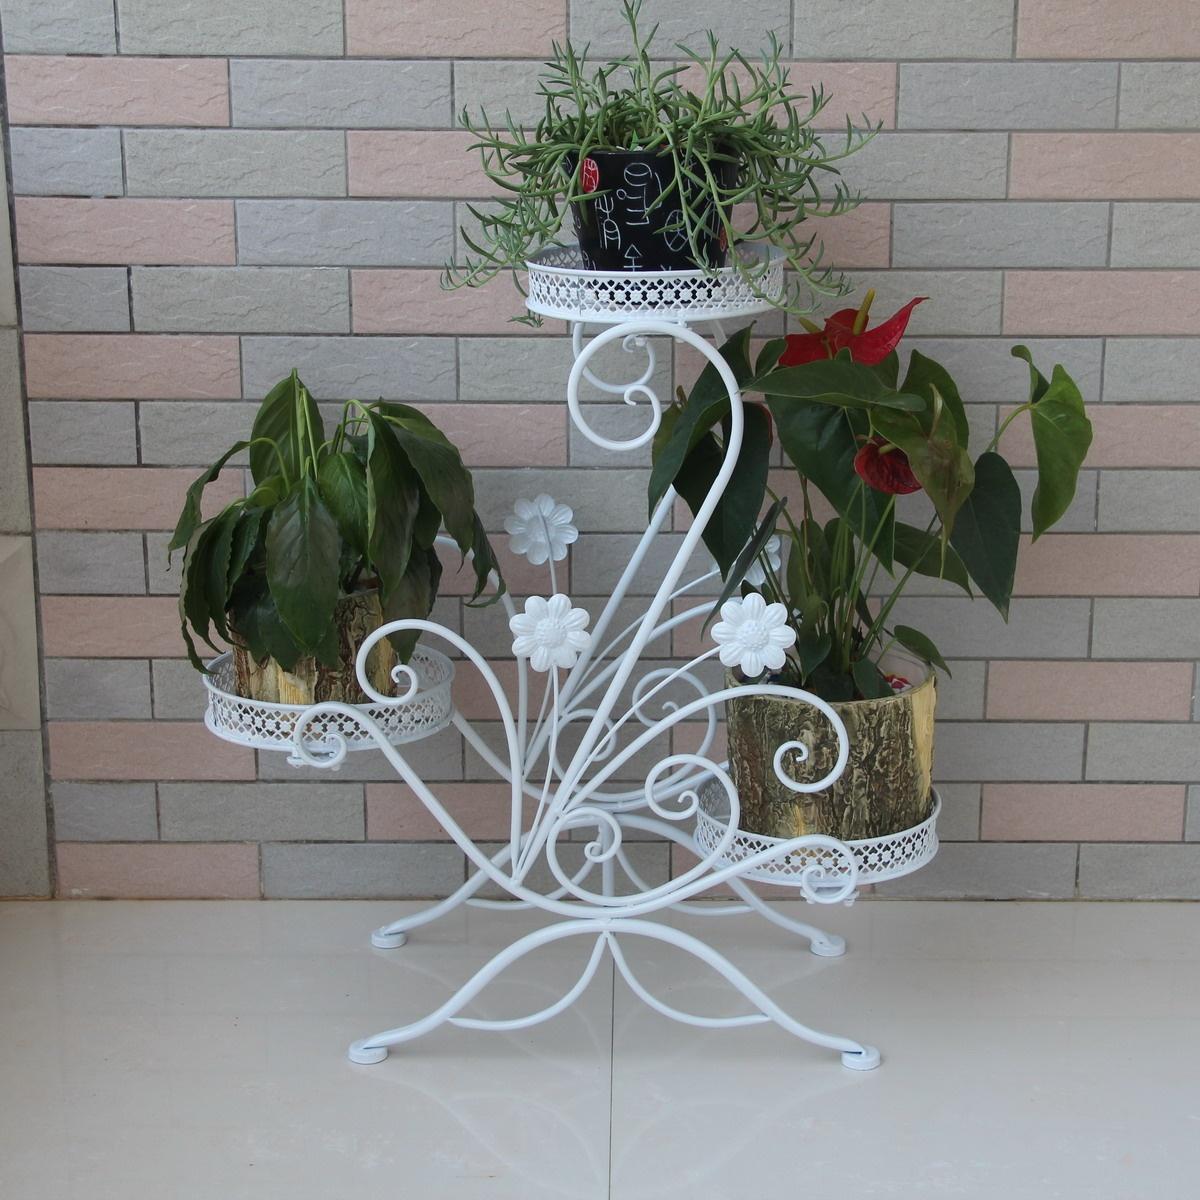 Фото металлических полок для цветов